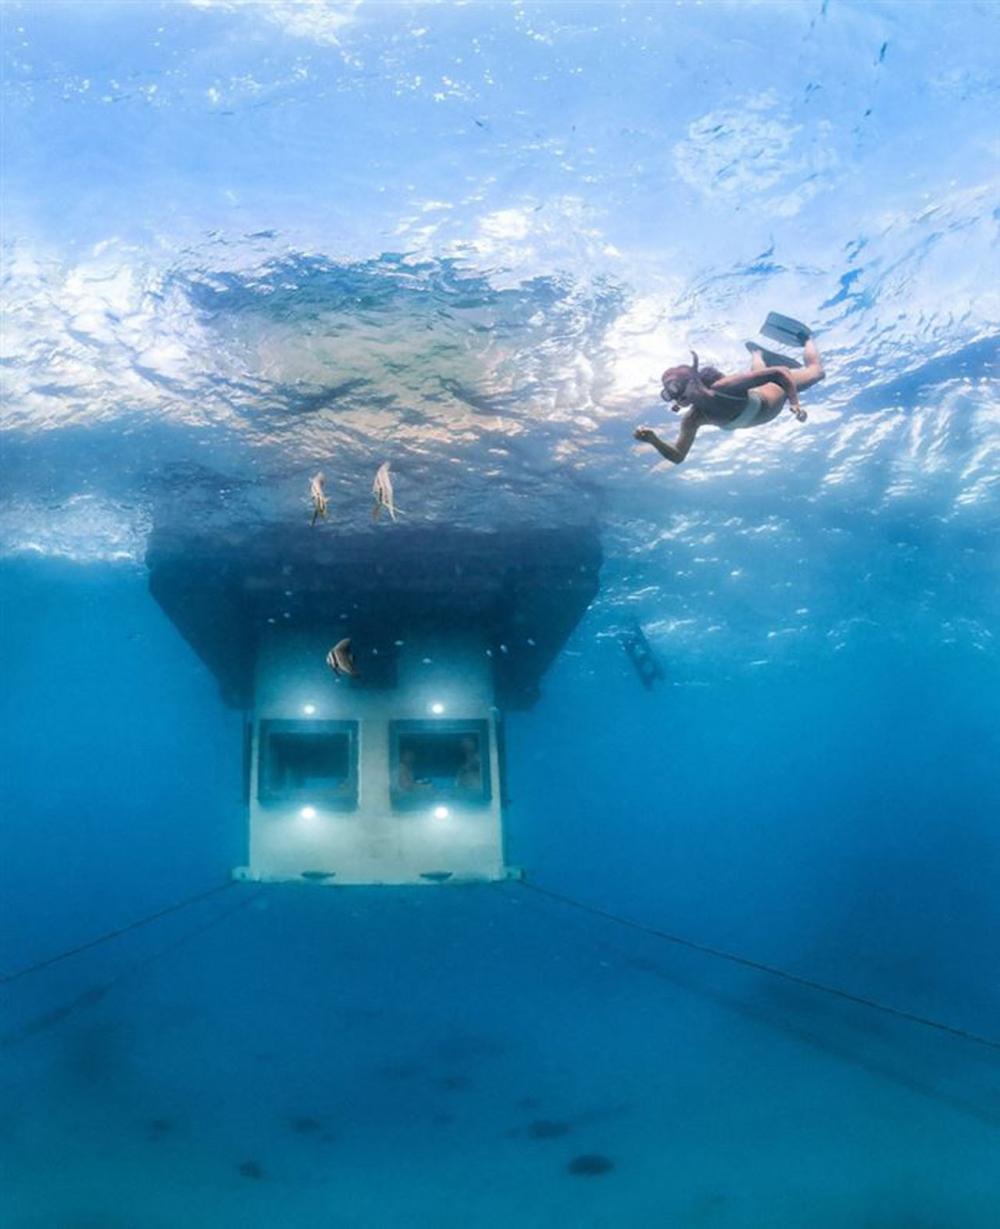 ห้องชั้นล่างสามารถชมวิวใต้ทะเลได้สุดชิค